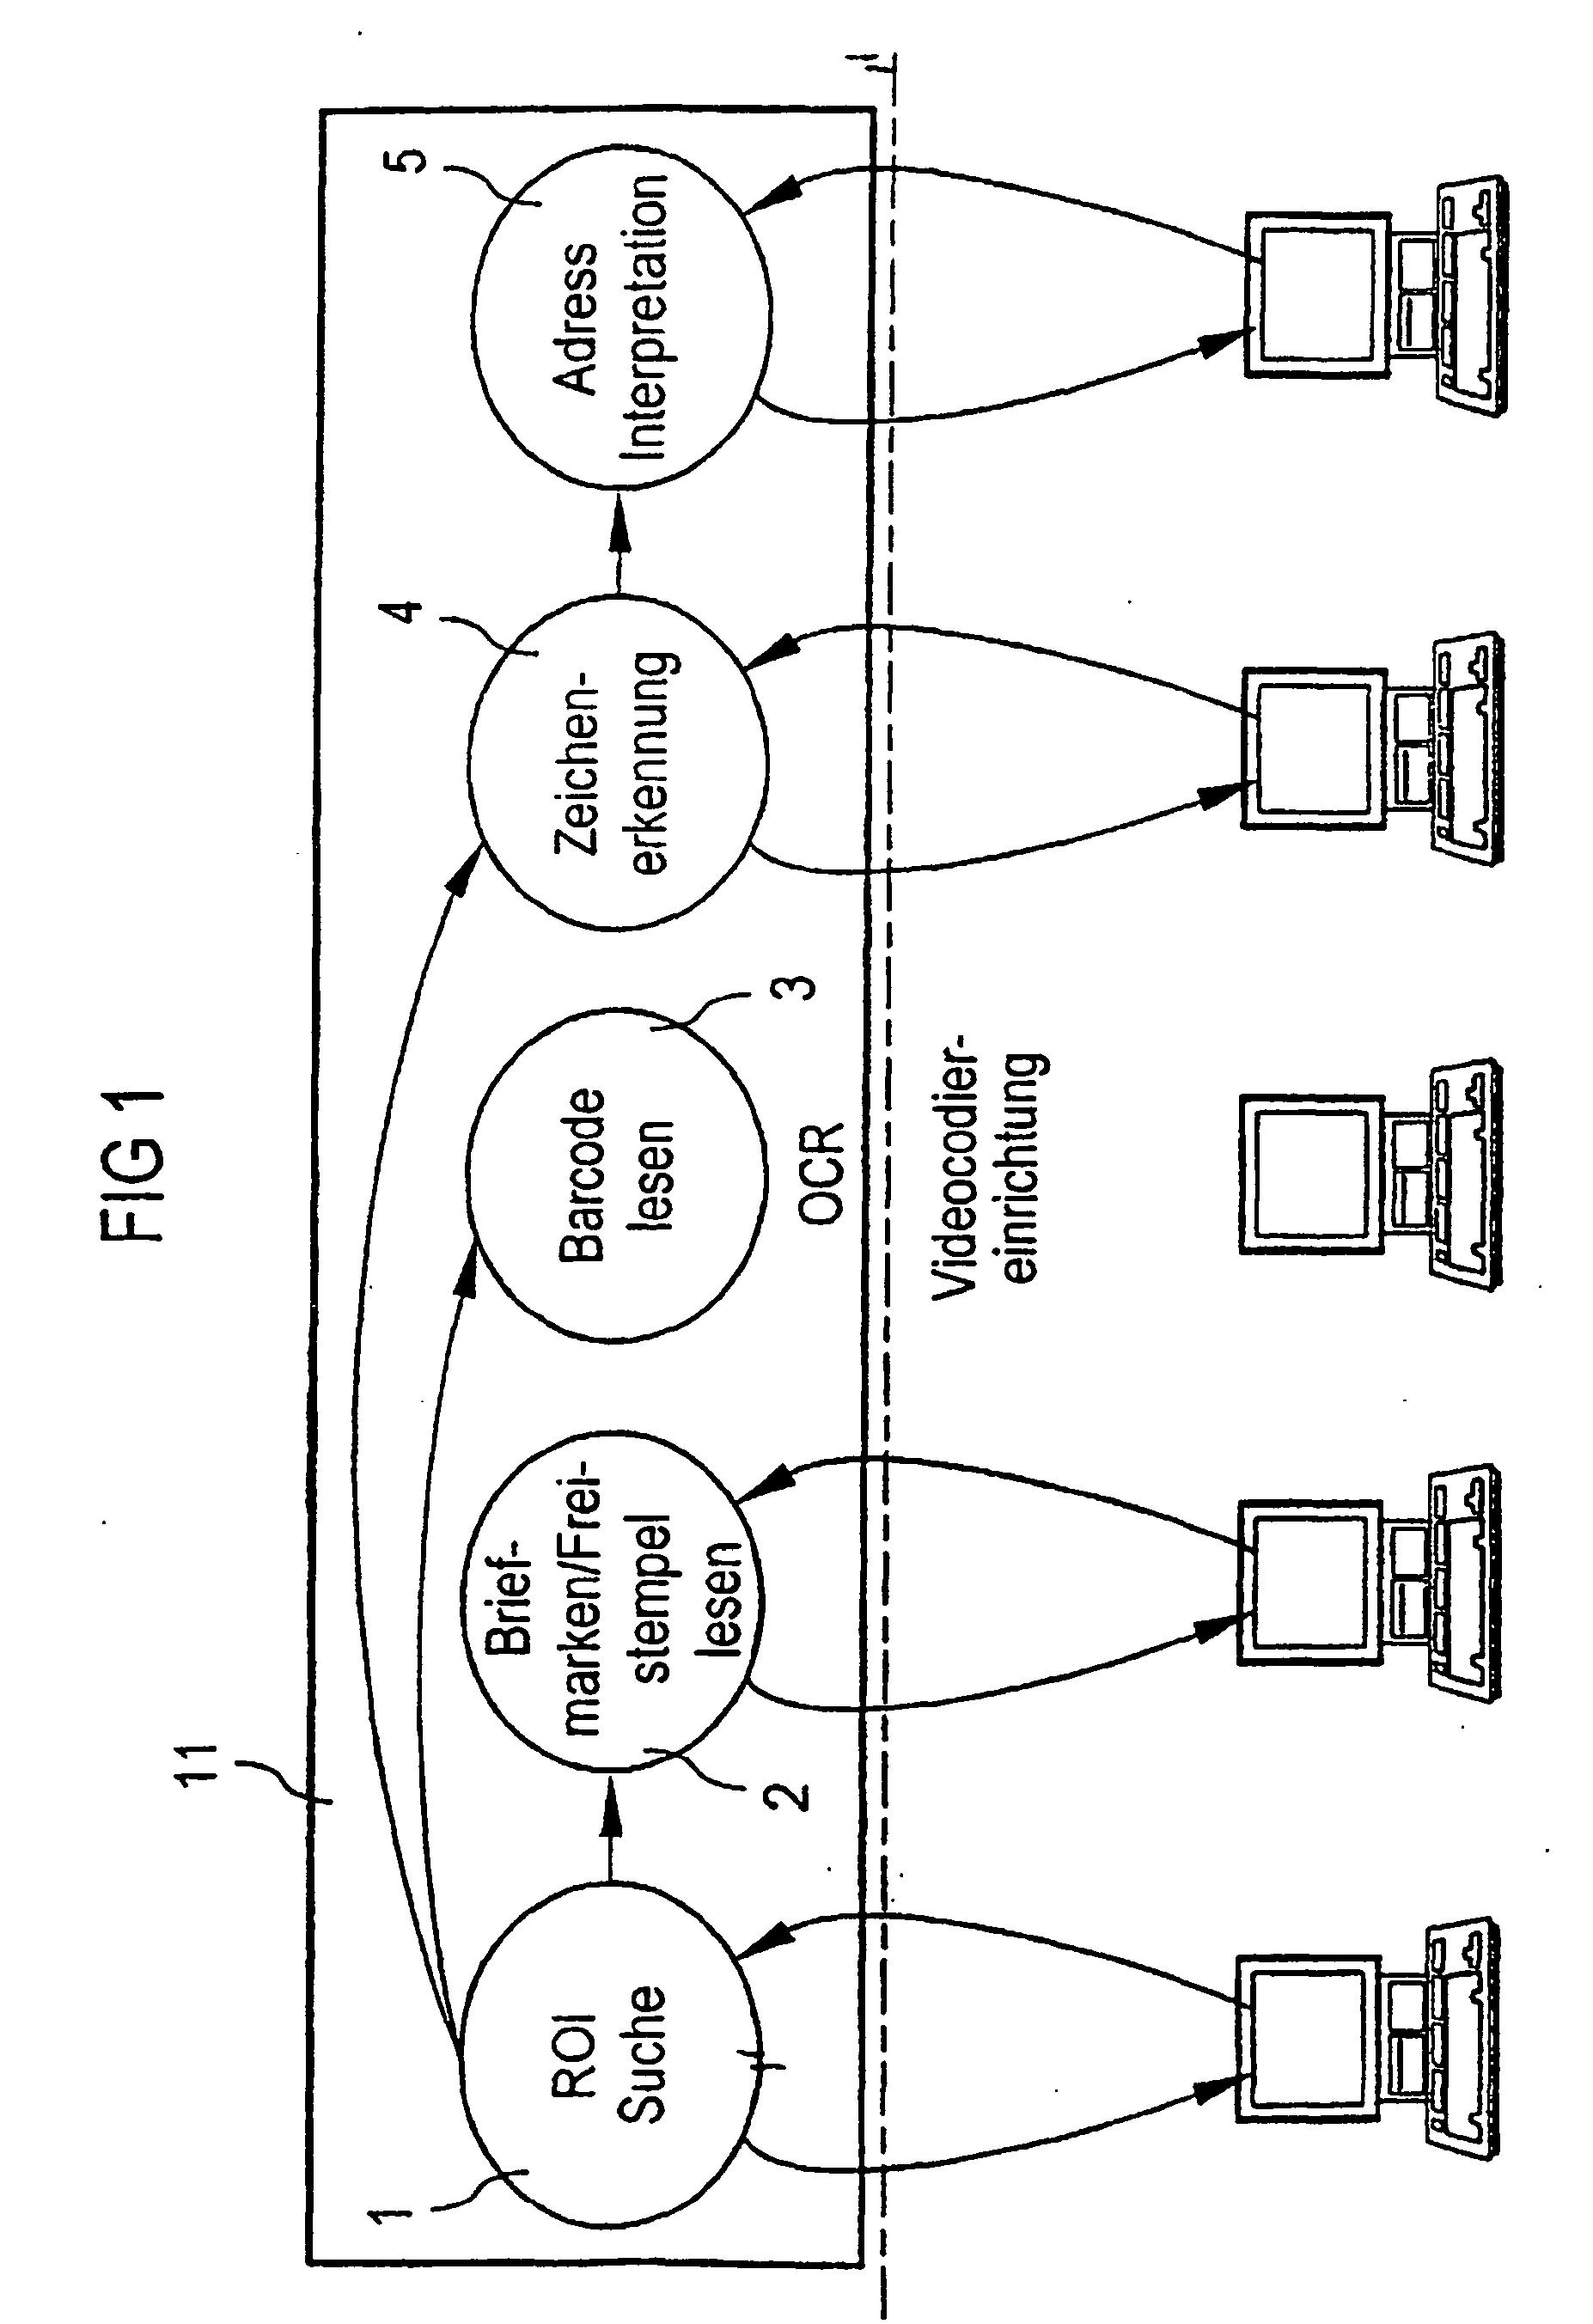 patent ep1027174b3 verfahren und anordnung zum erkennen von verteilinformationen auf sendungen. Black Bedroom Furniture Sets. Home Design Ideas